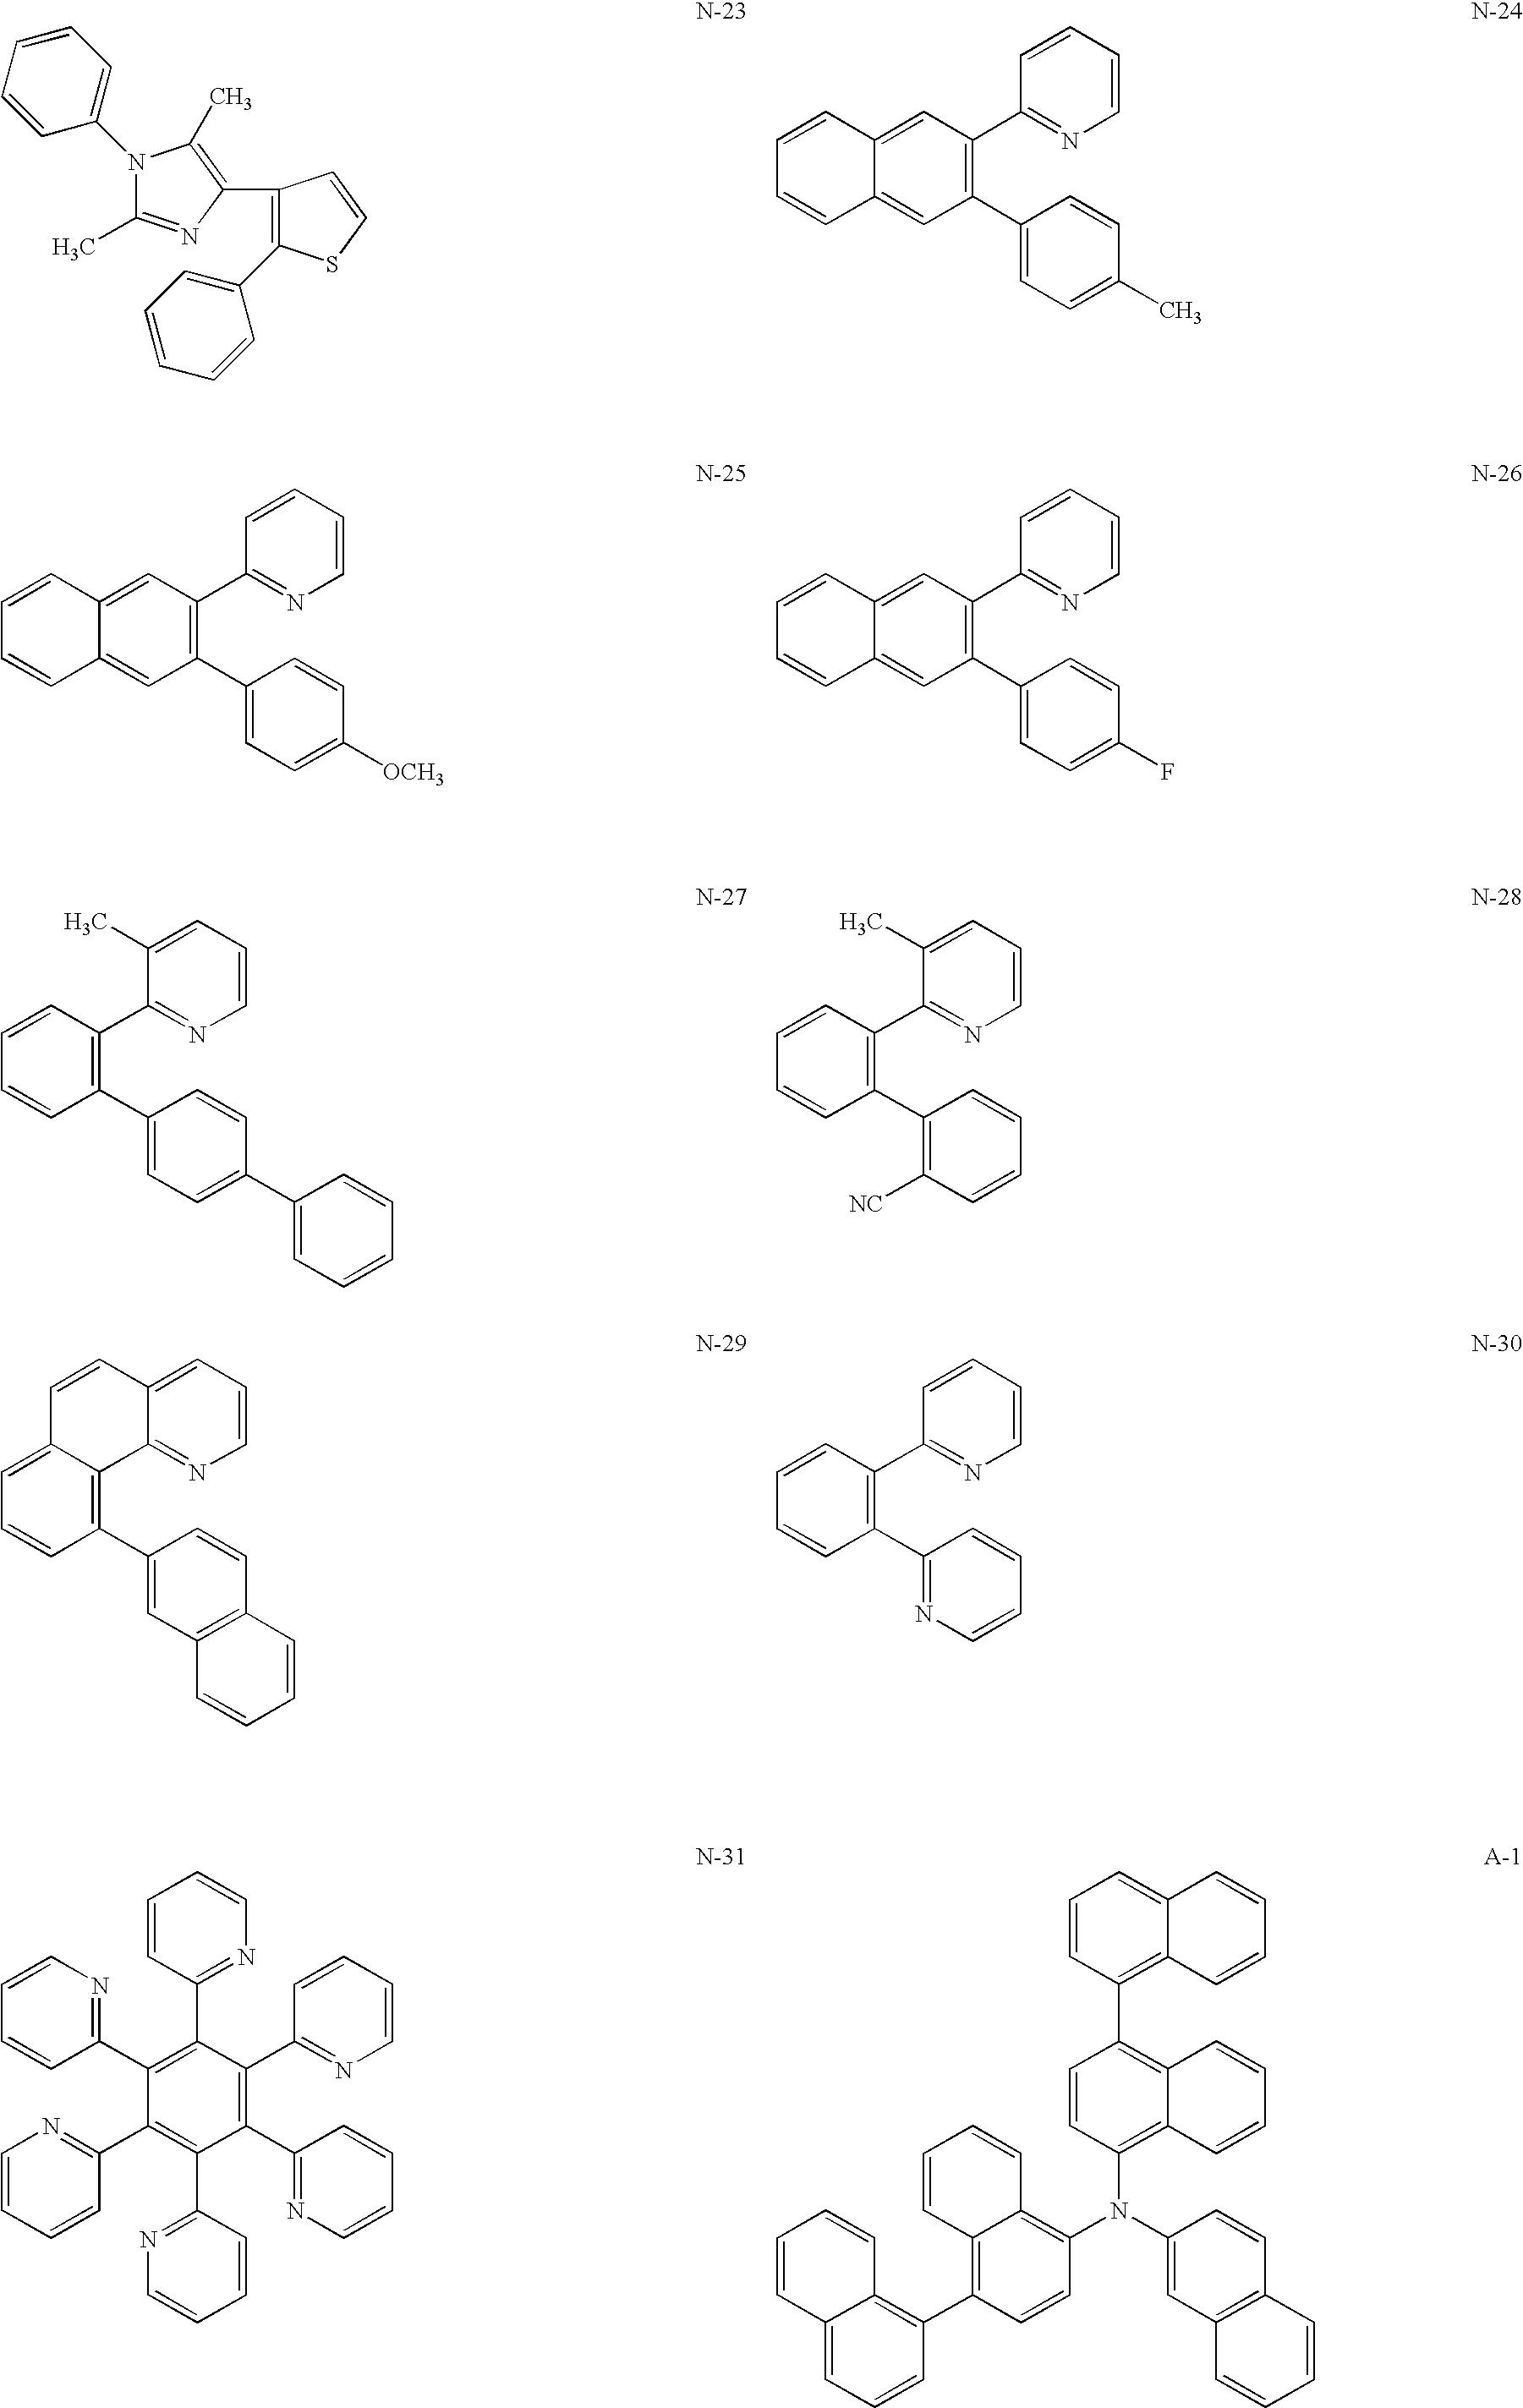 Figure US20040062951A1-20040401-C00025